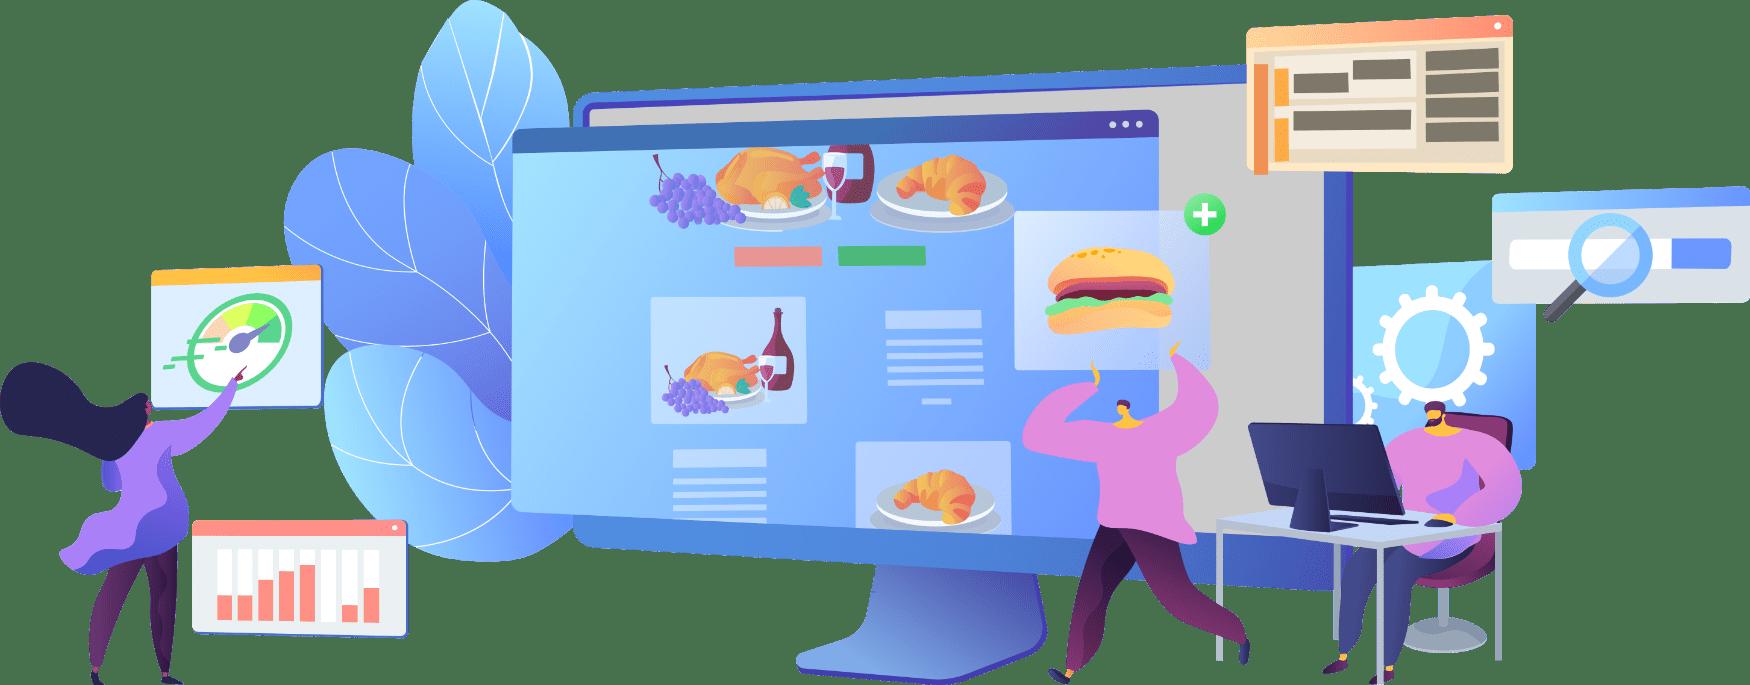 restaurant website design services fun graphic